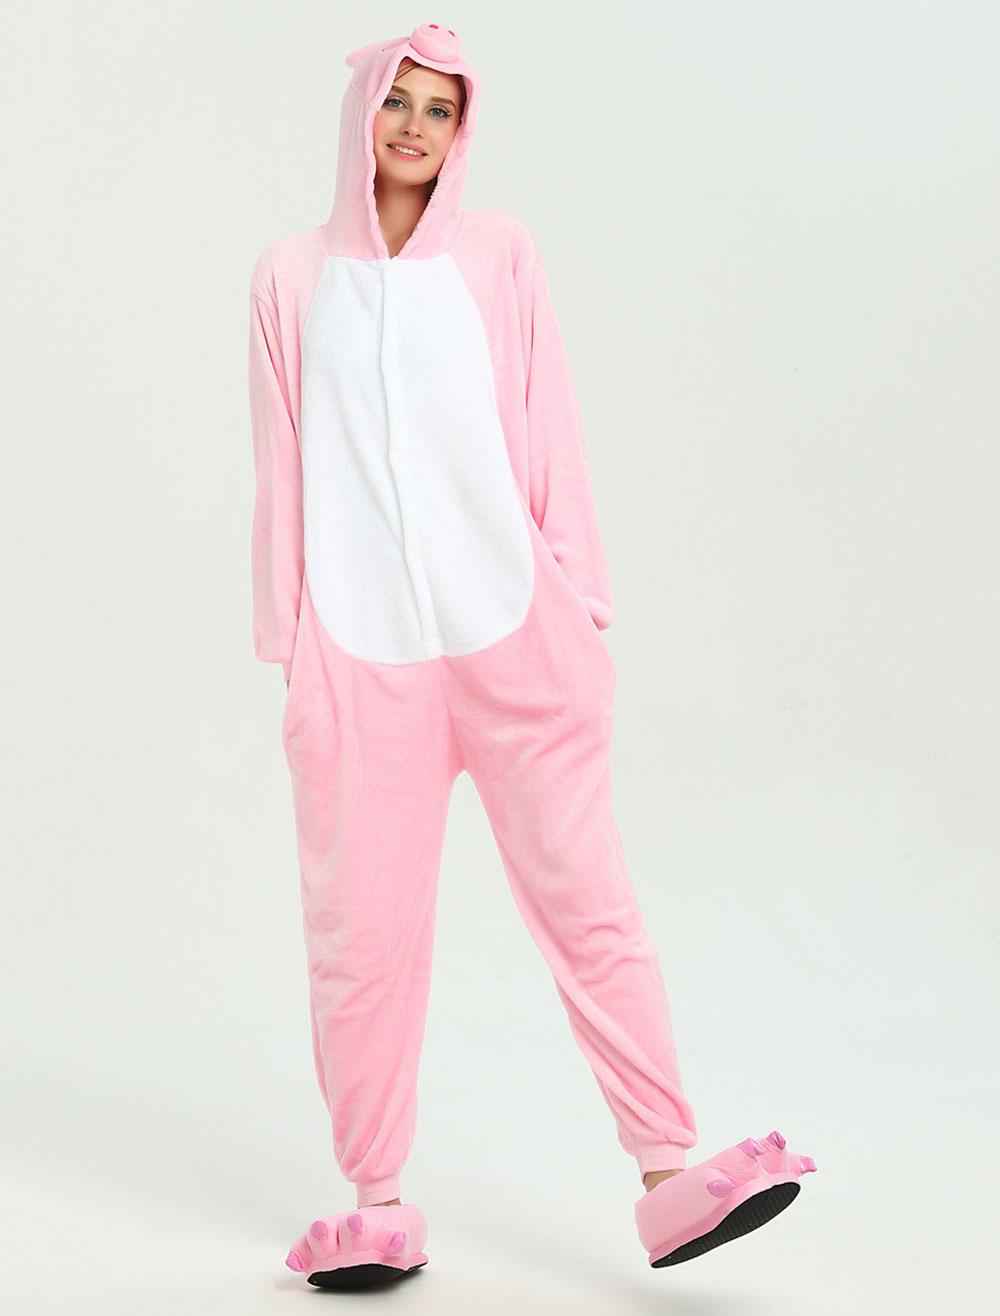 Buy Pig Onesie Kigurumi Adults Pink Winter Flannel Jumpsuit Halloween for $15.99 in Milanoo store